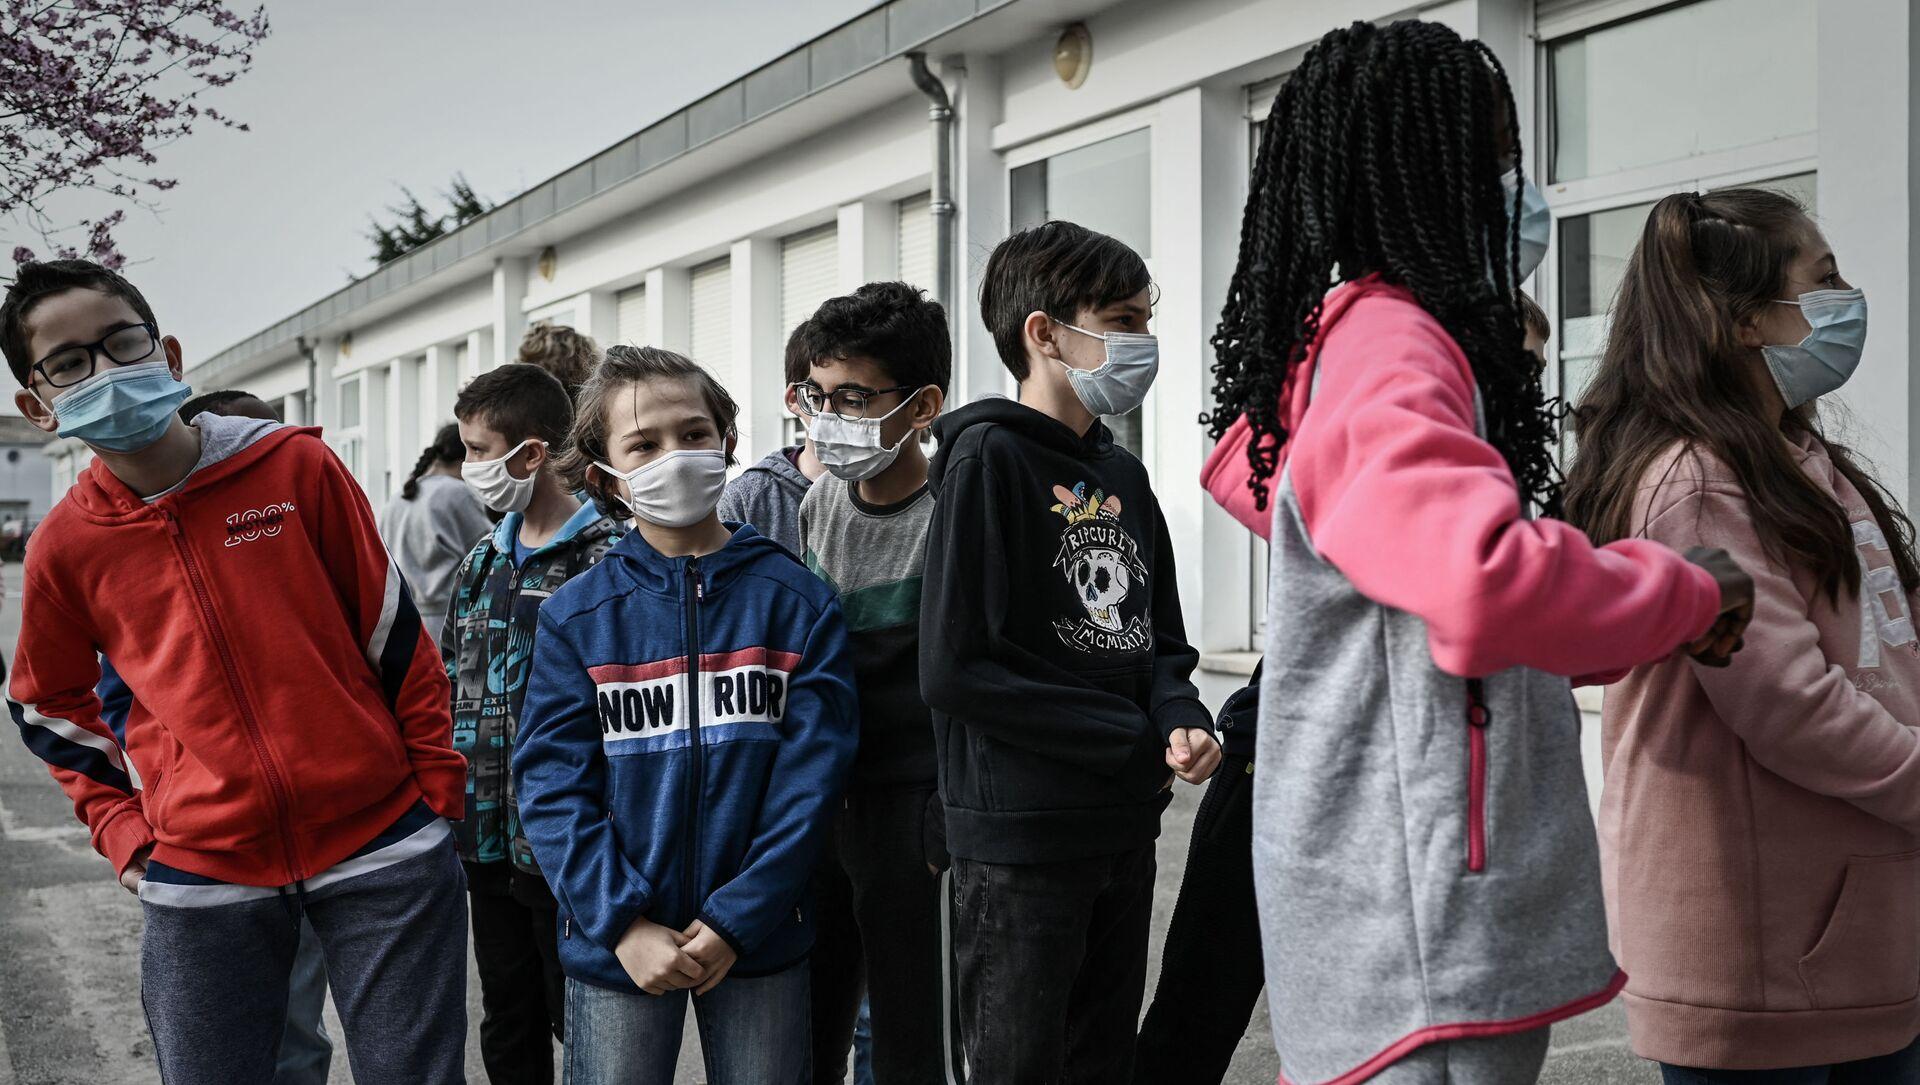 Des élèves à Bordeaux - Sputnik France, 1920, 02.09.2021